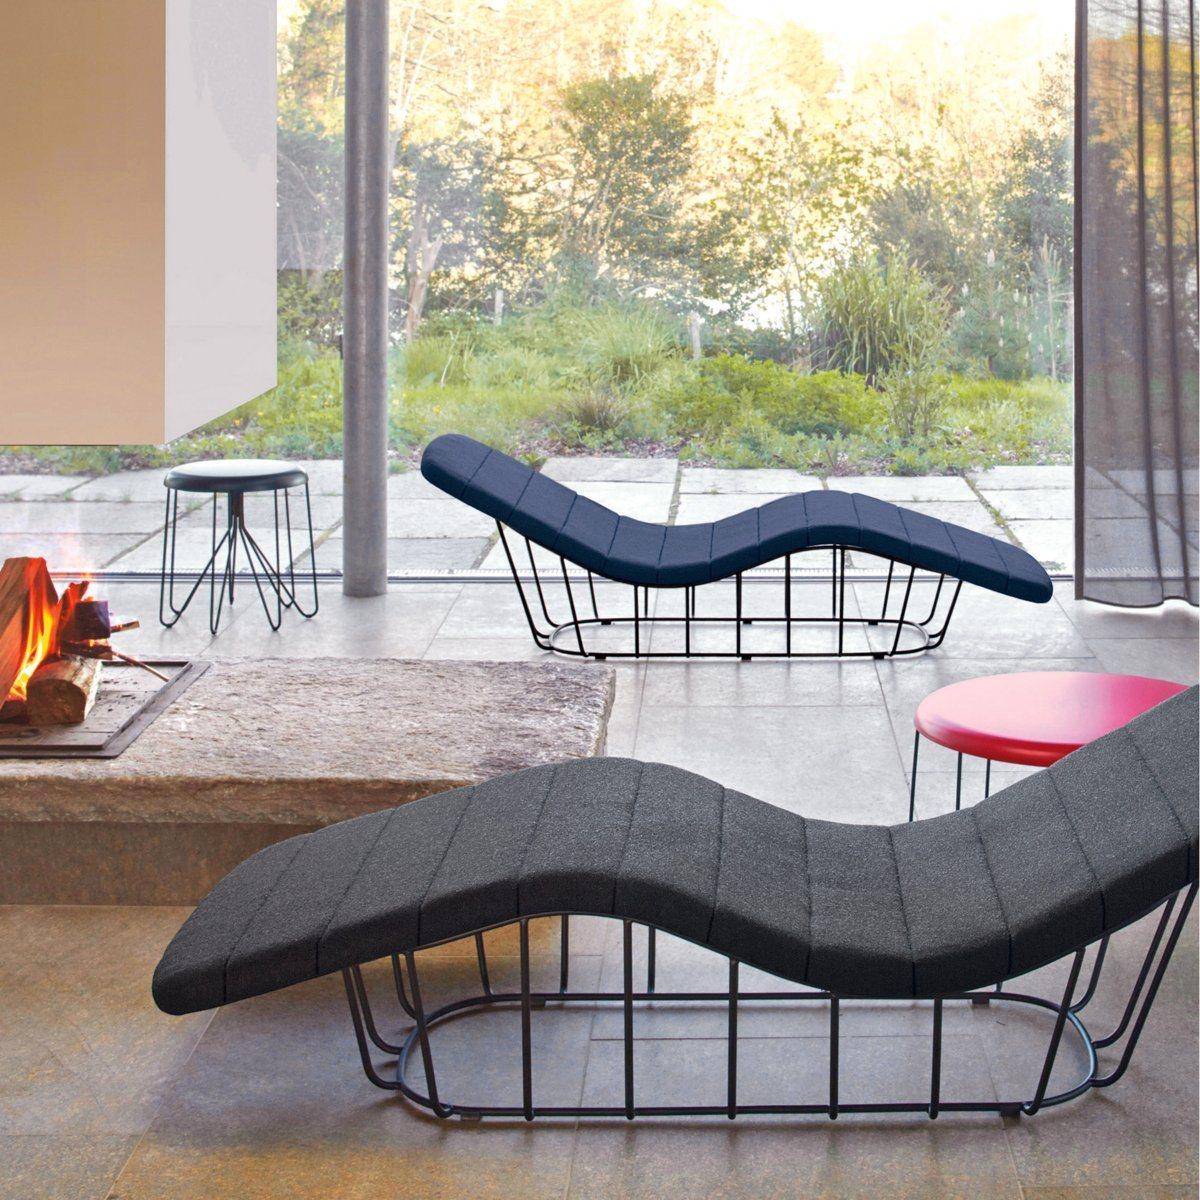 soldes chaise longue la redoute chaise